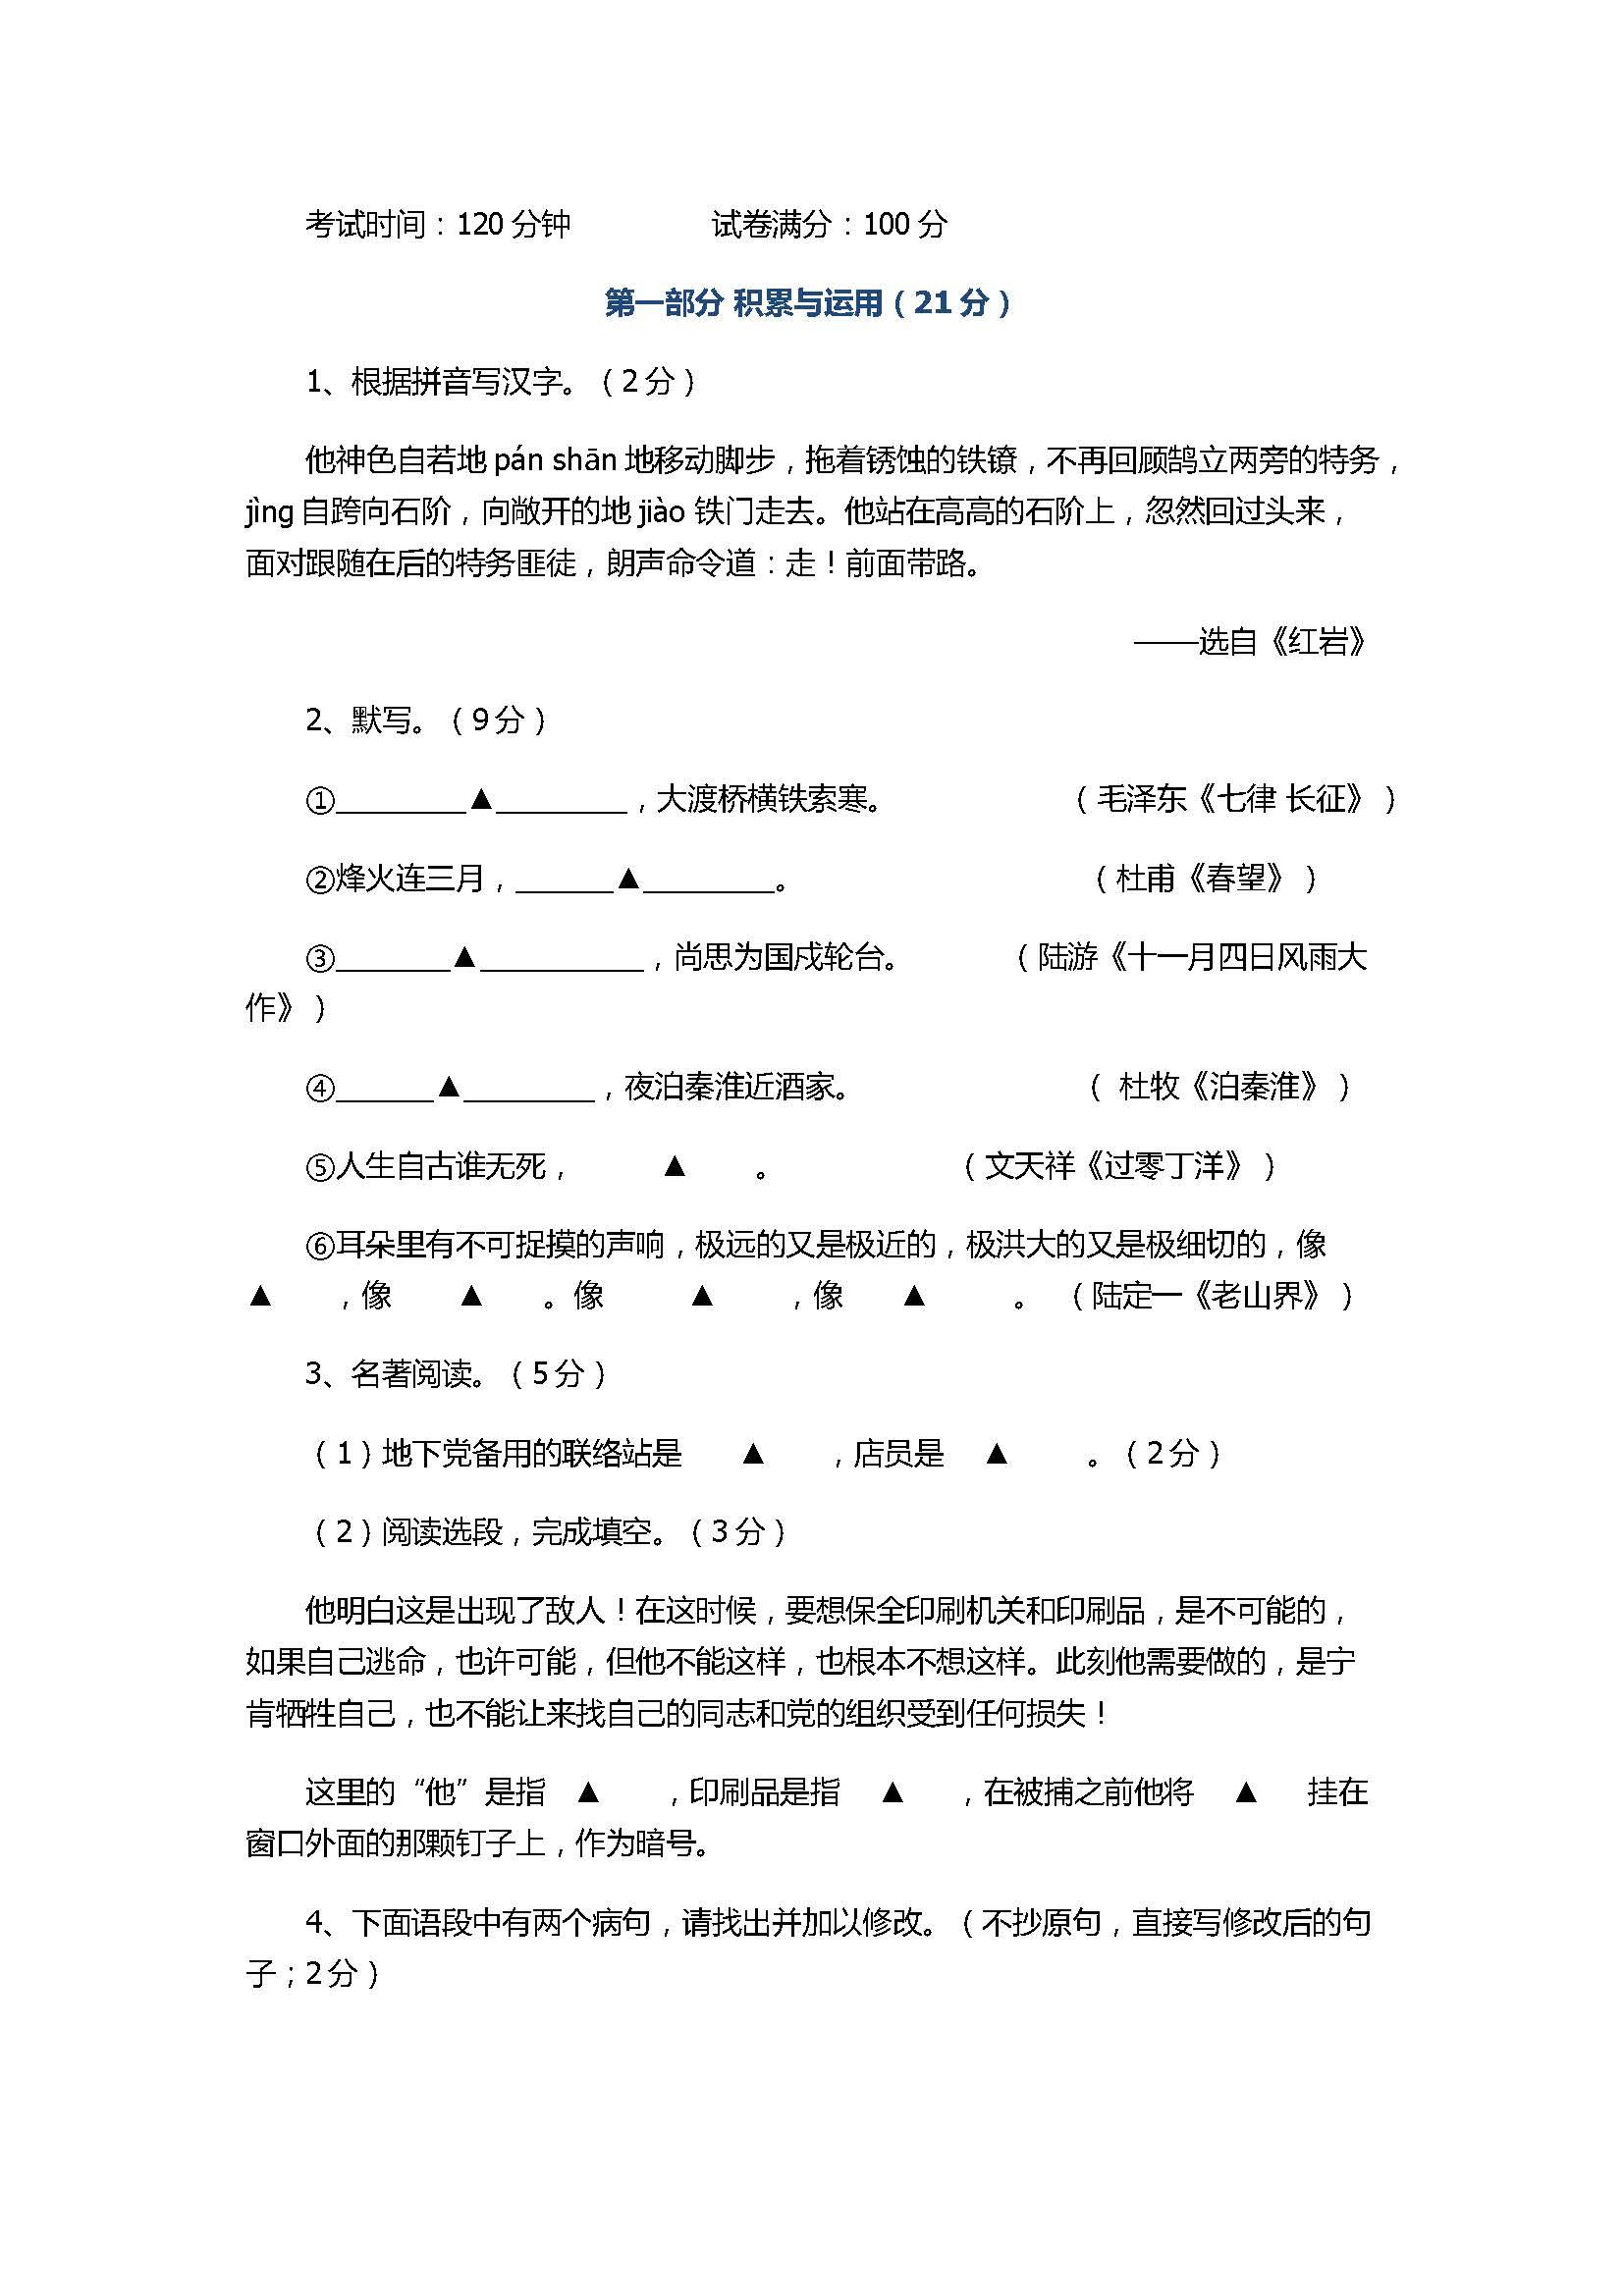 2017八年级语文上册月考调研试题带参考答案(苏教版)